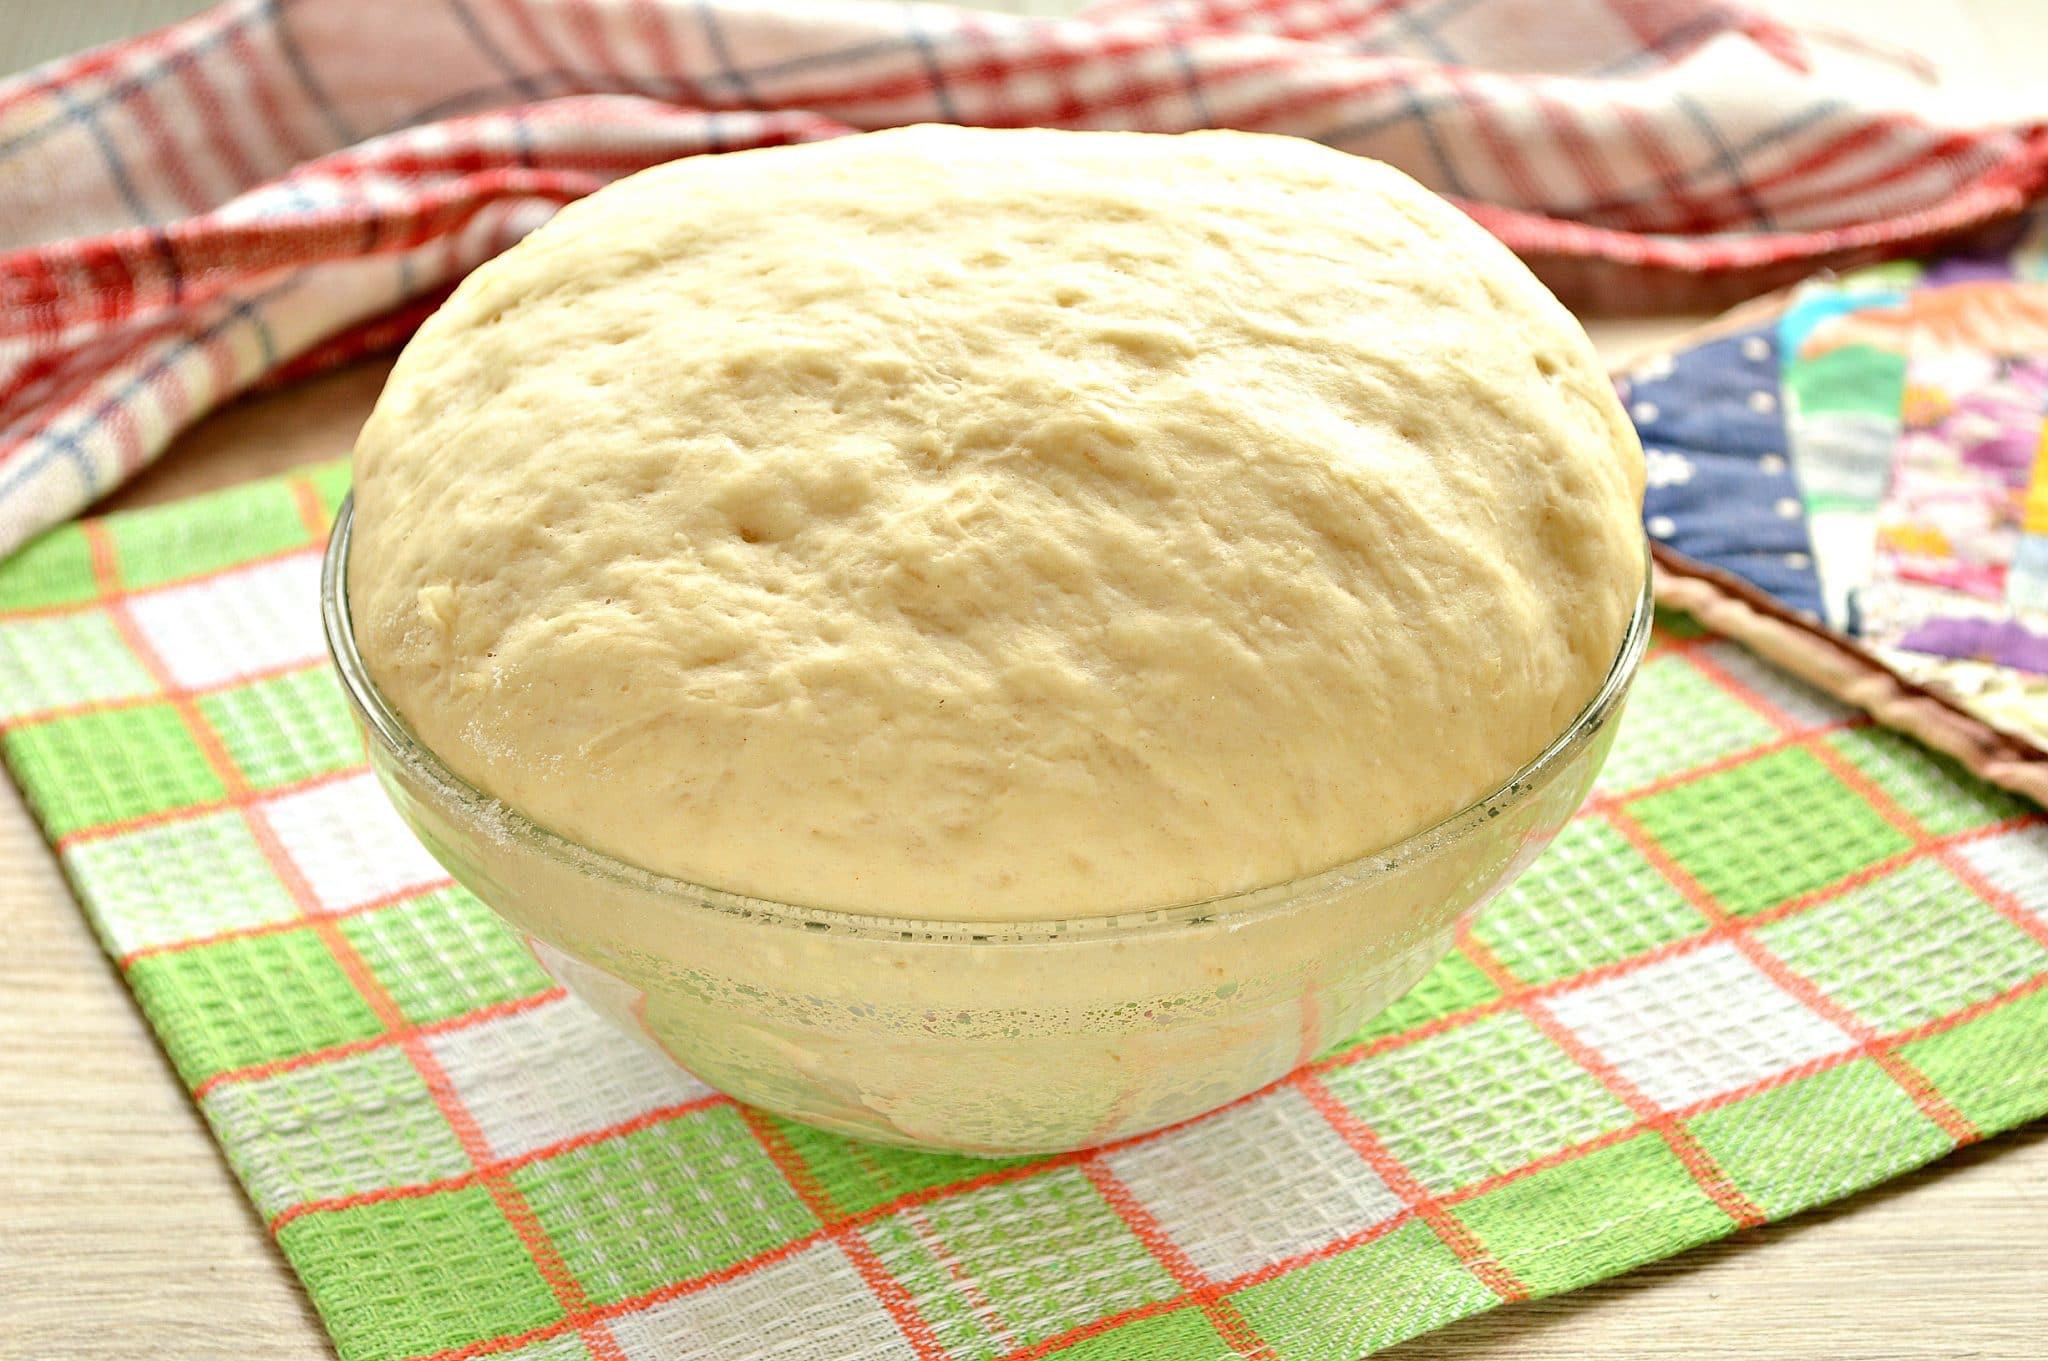 Пироги из кислого молока рецепты с фото